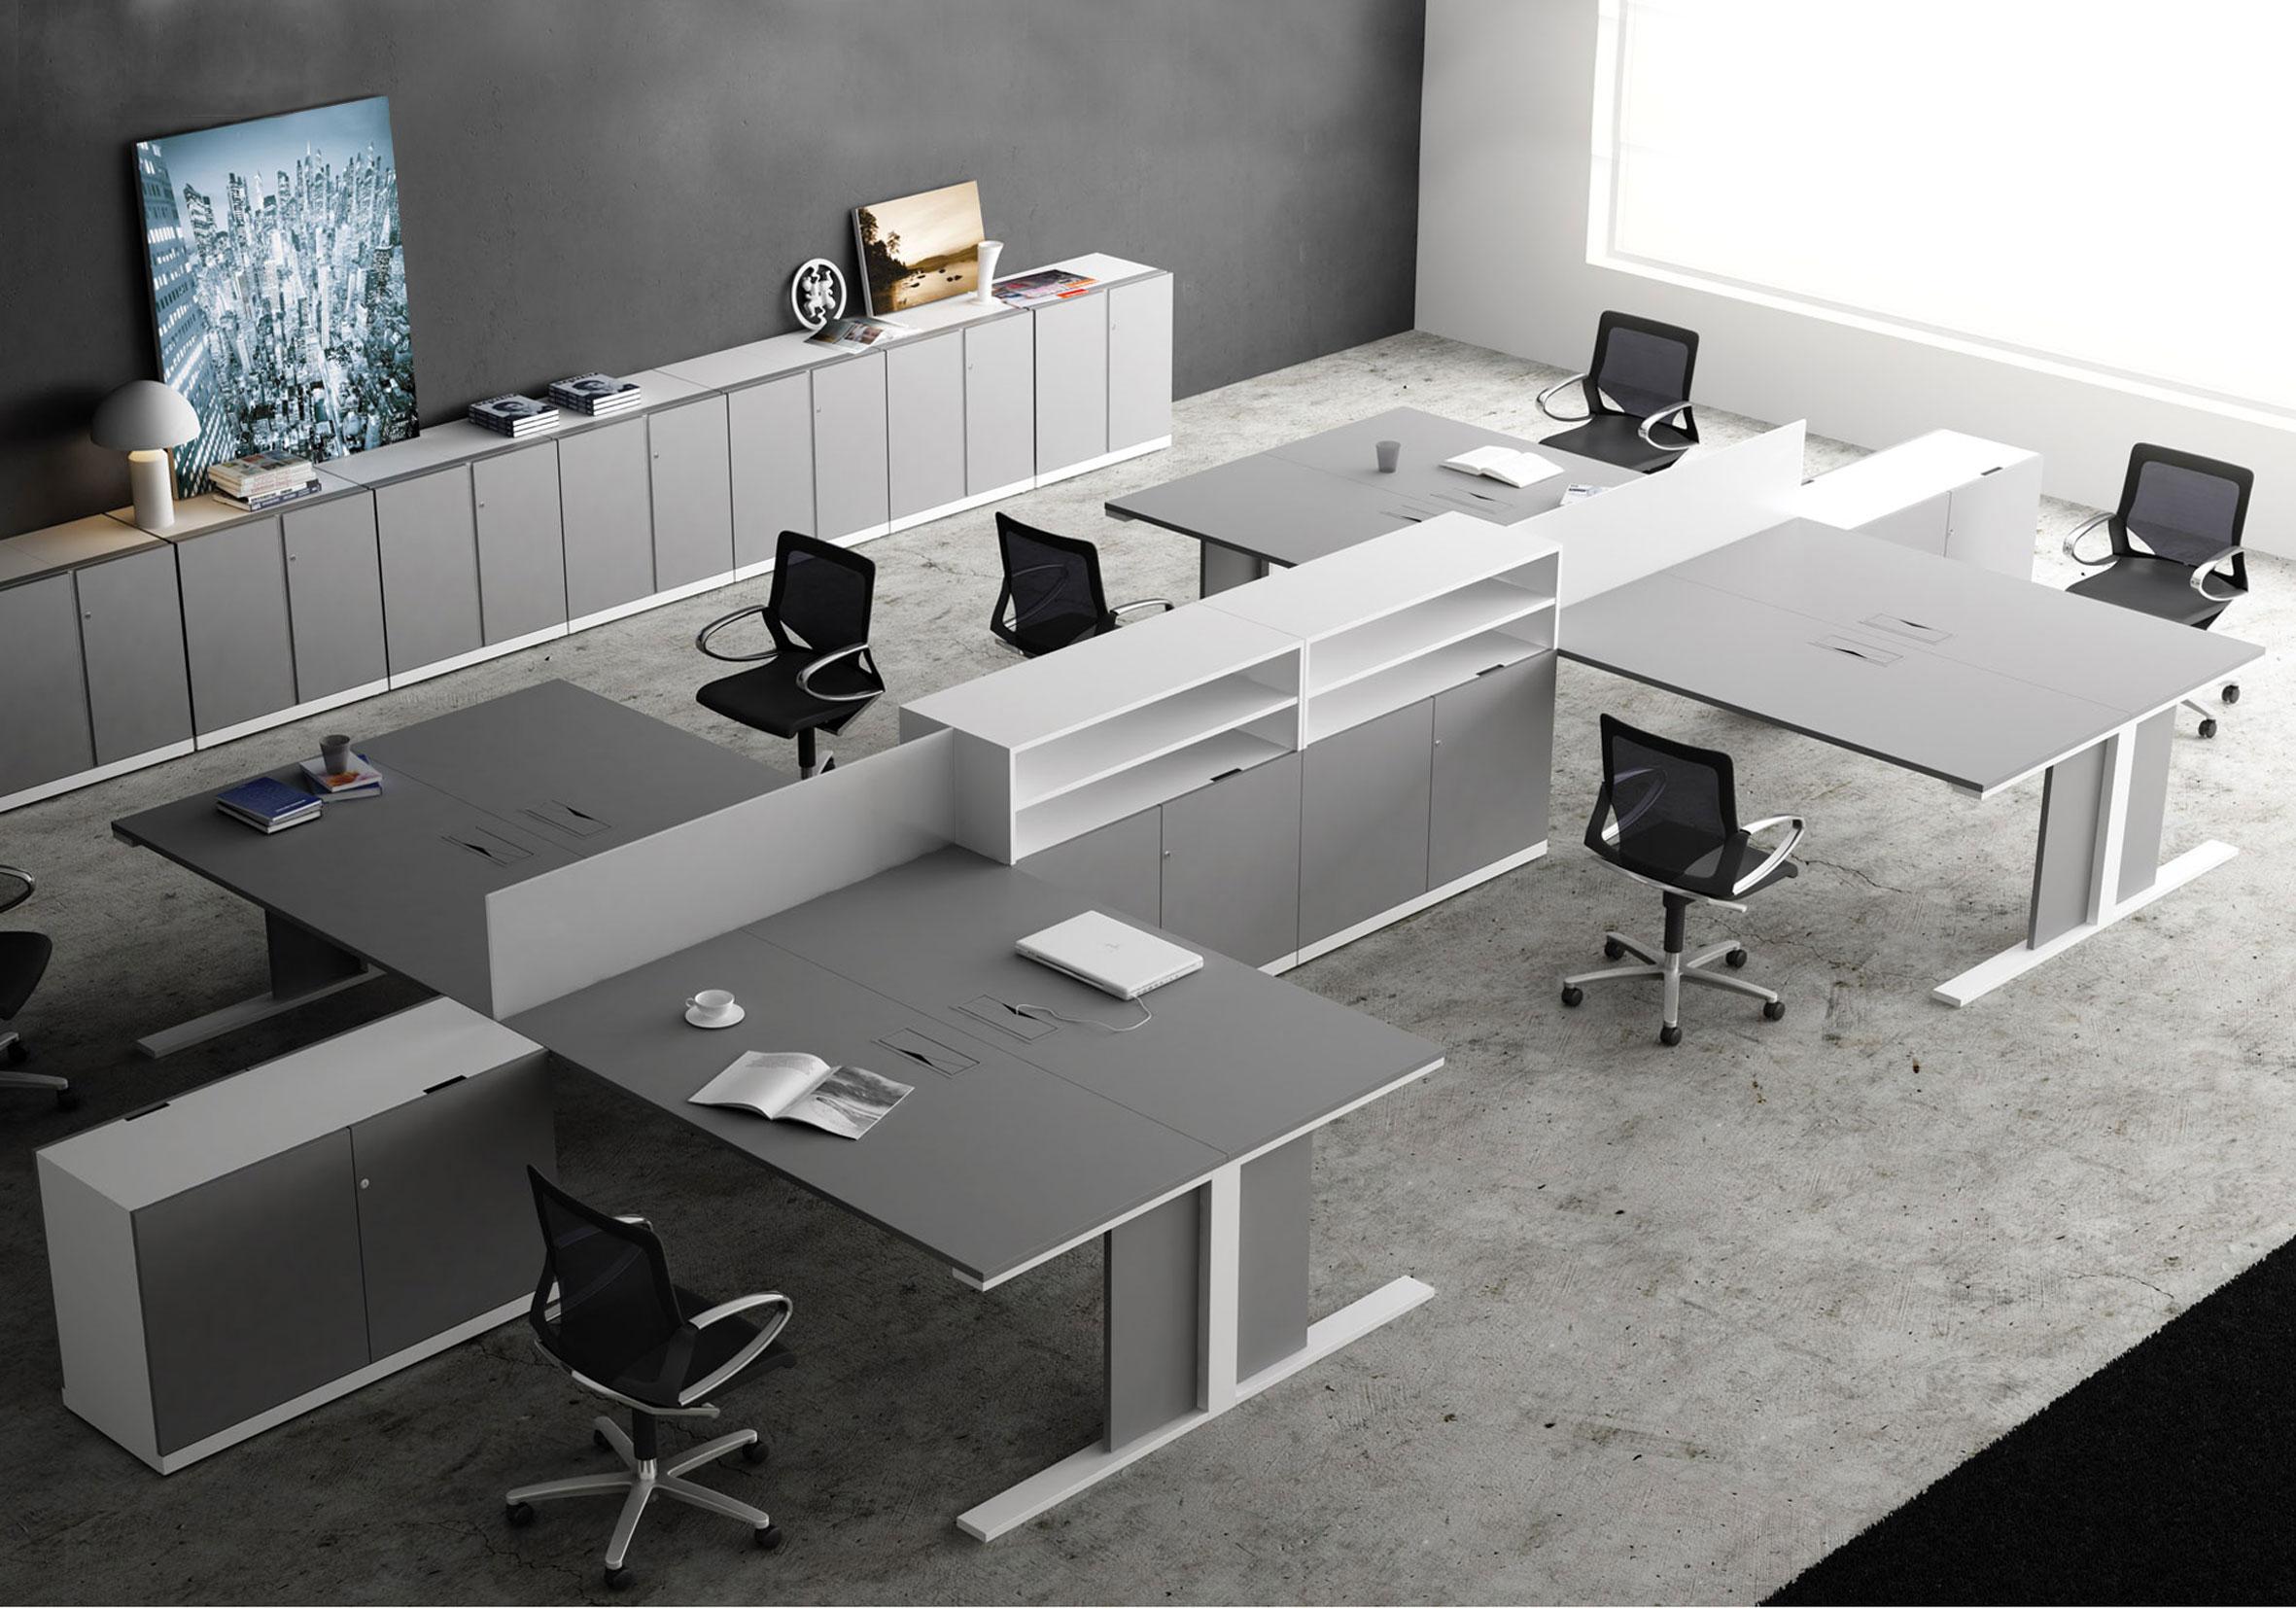 Bureaux open space avec rangements intégrés